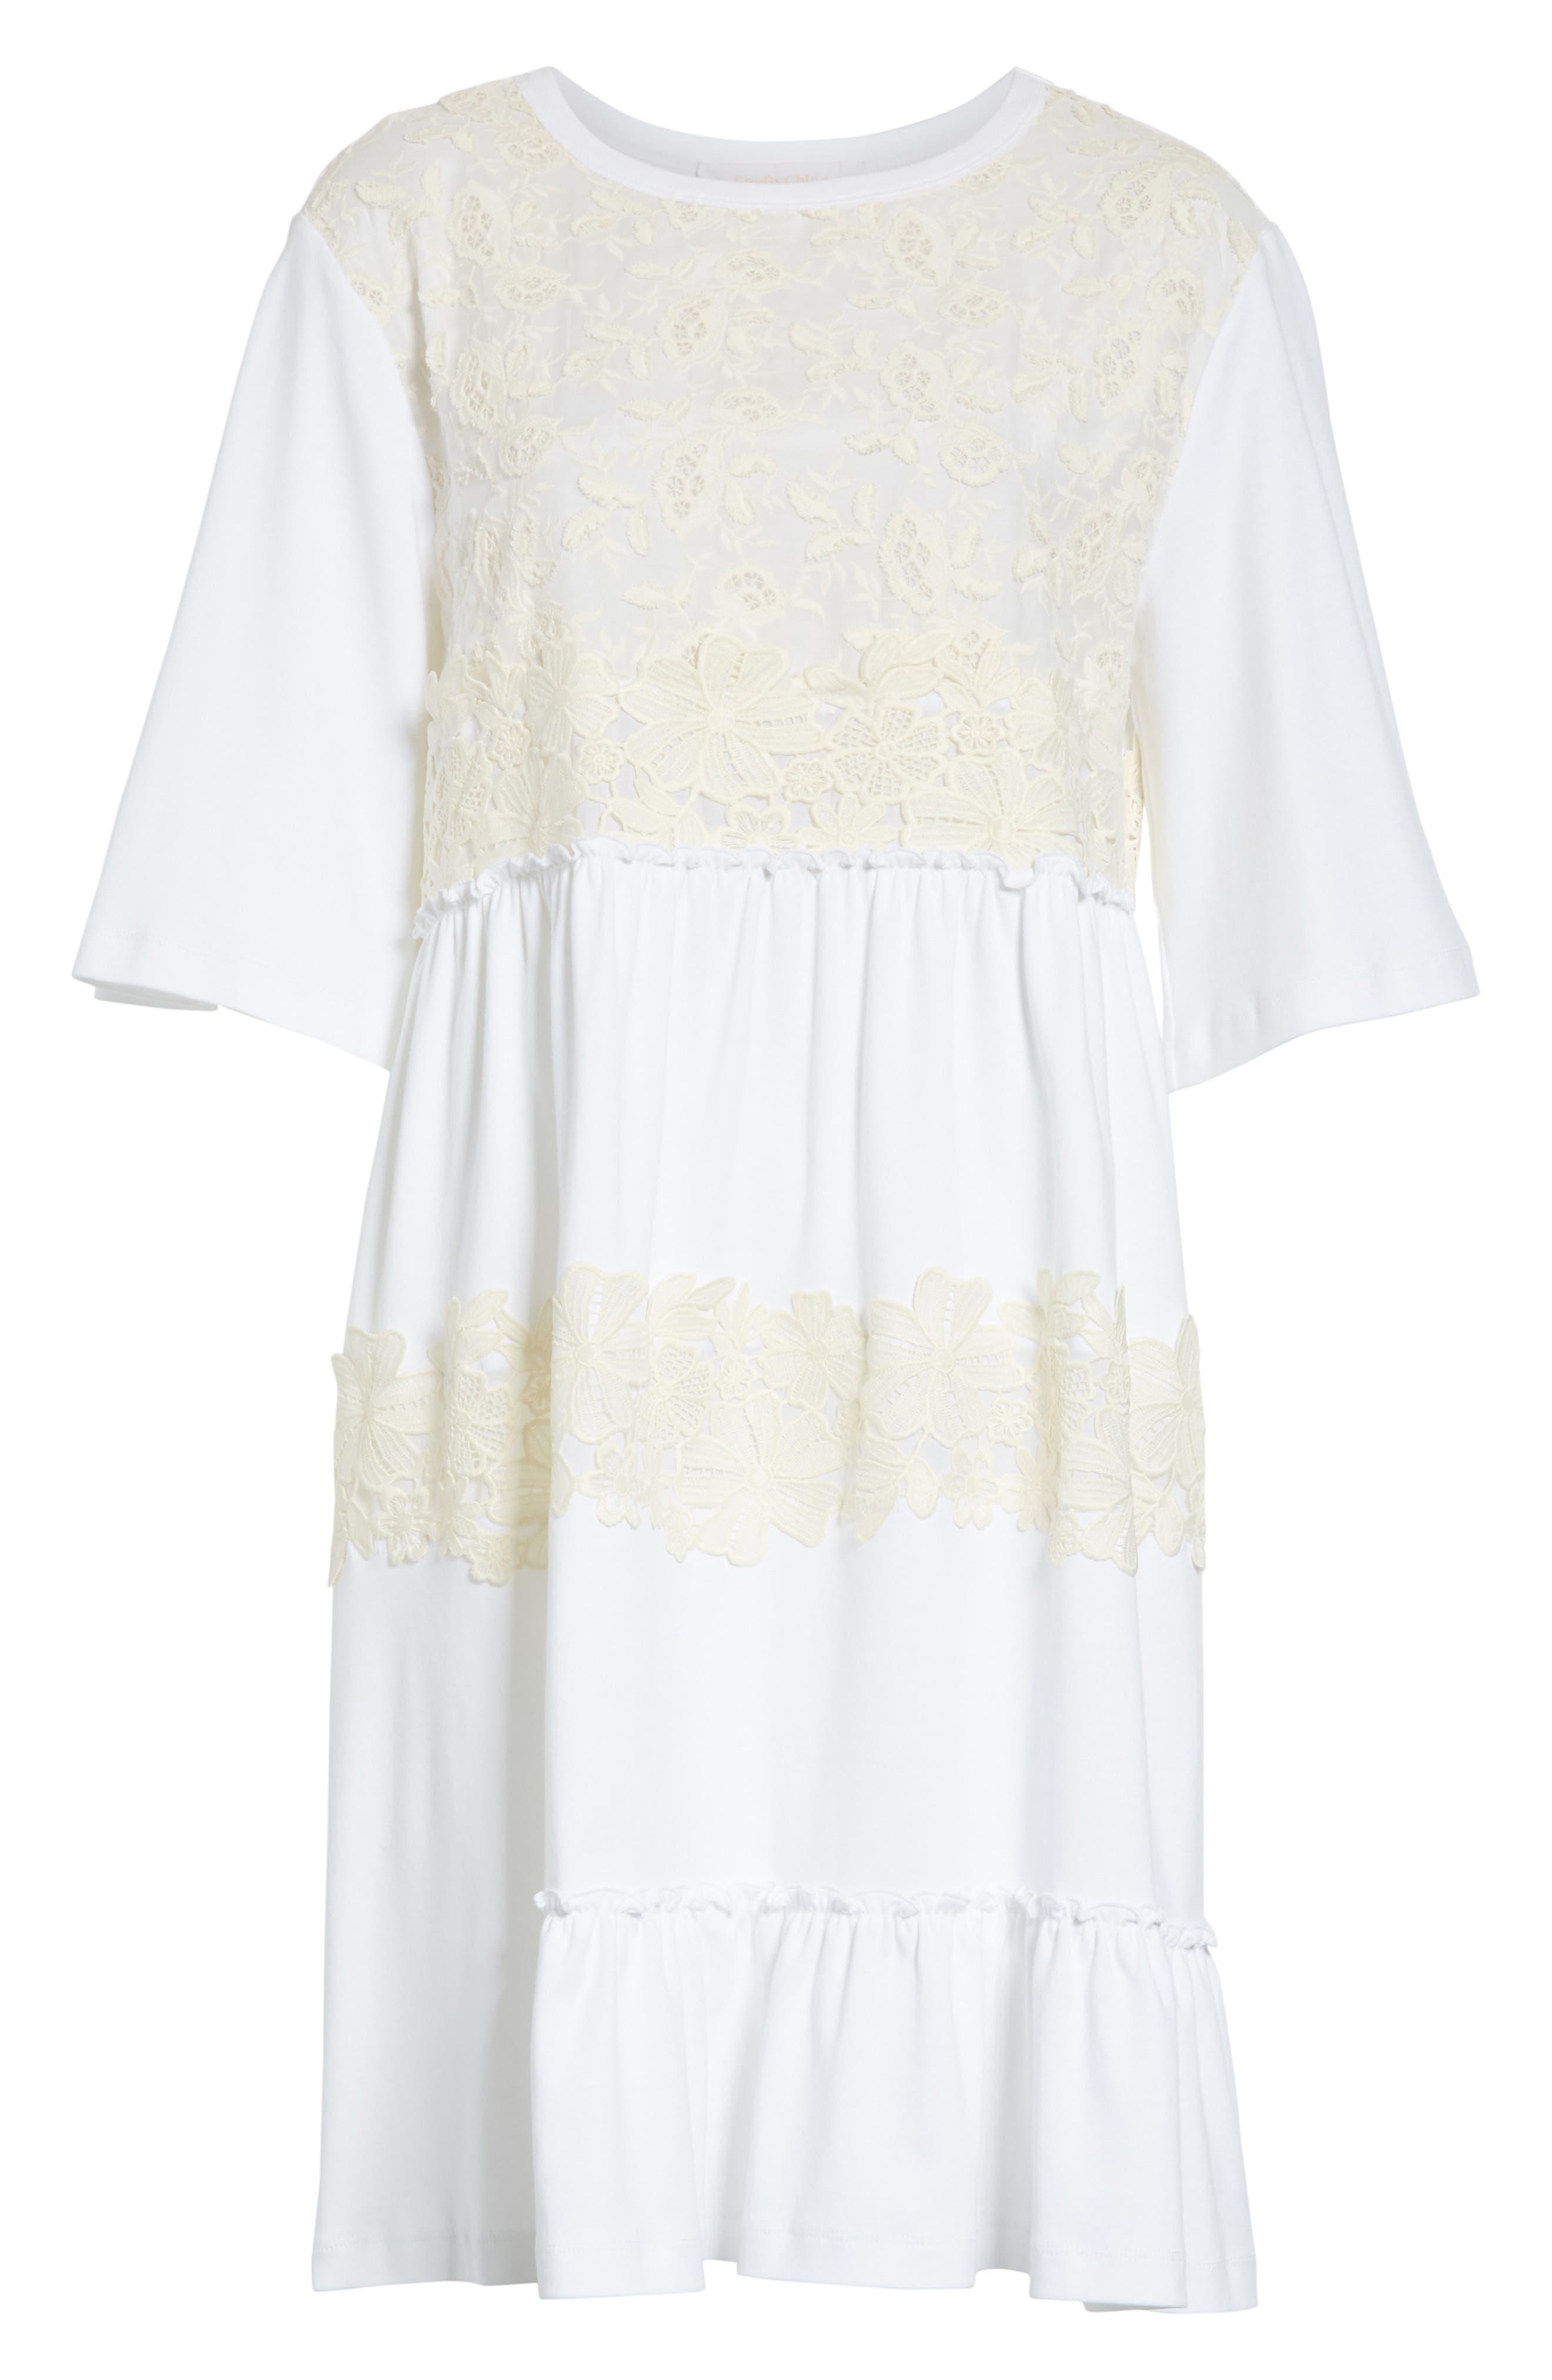 Crochet Panel Dress,                             Alternate thumbnail 6, color,                             101